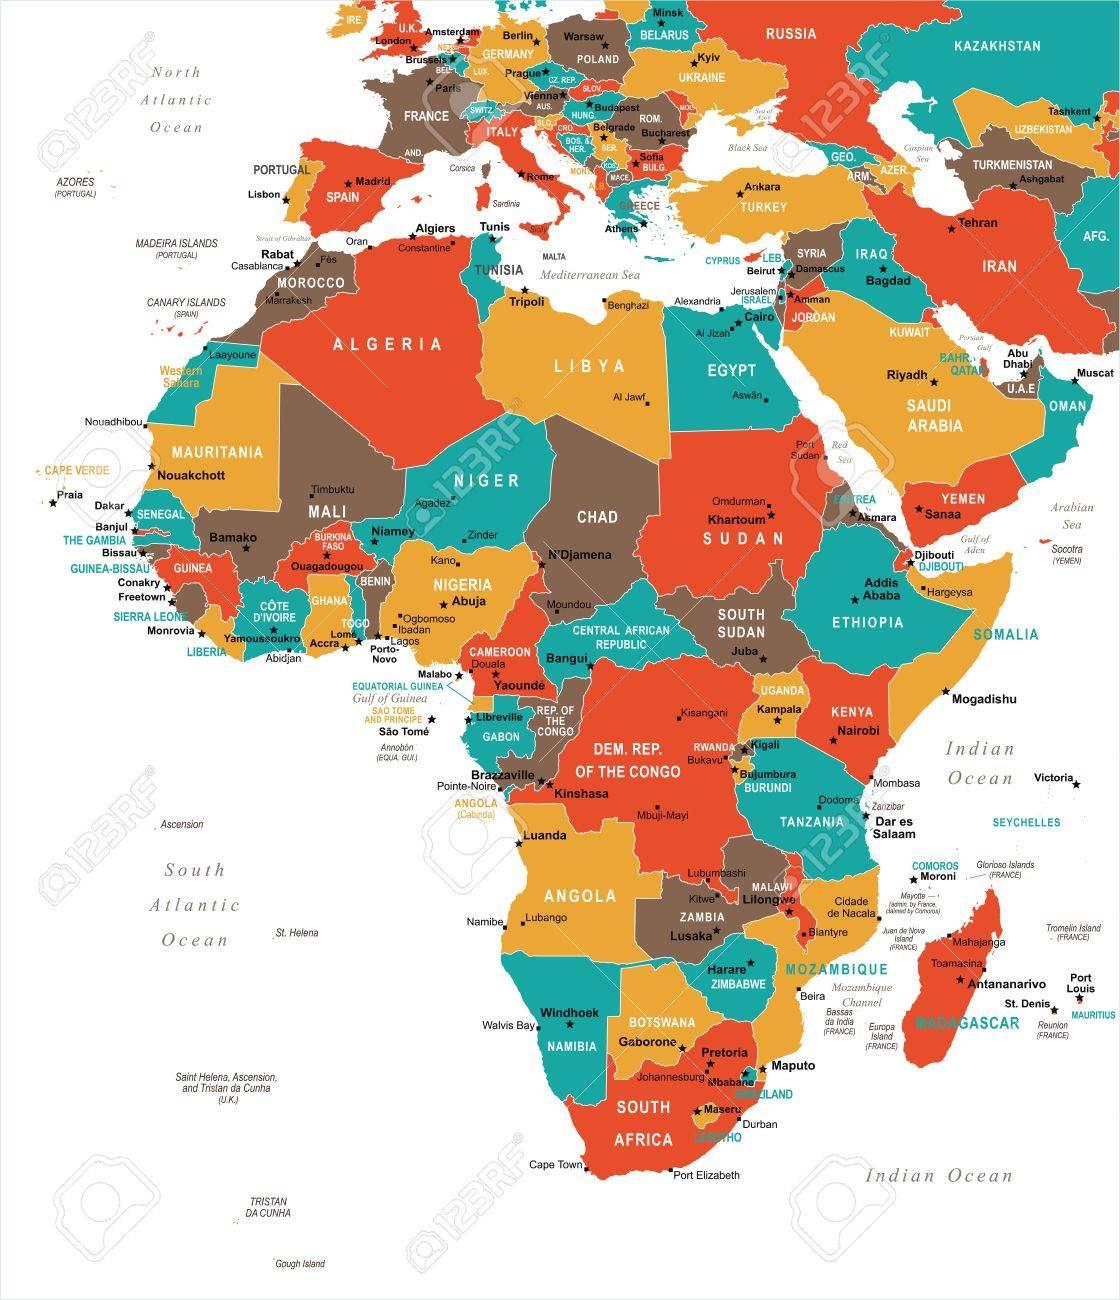 Carte Afrique Vectorielle.Carte De L Afrique Illustration Vectorielle Detaillee